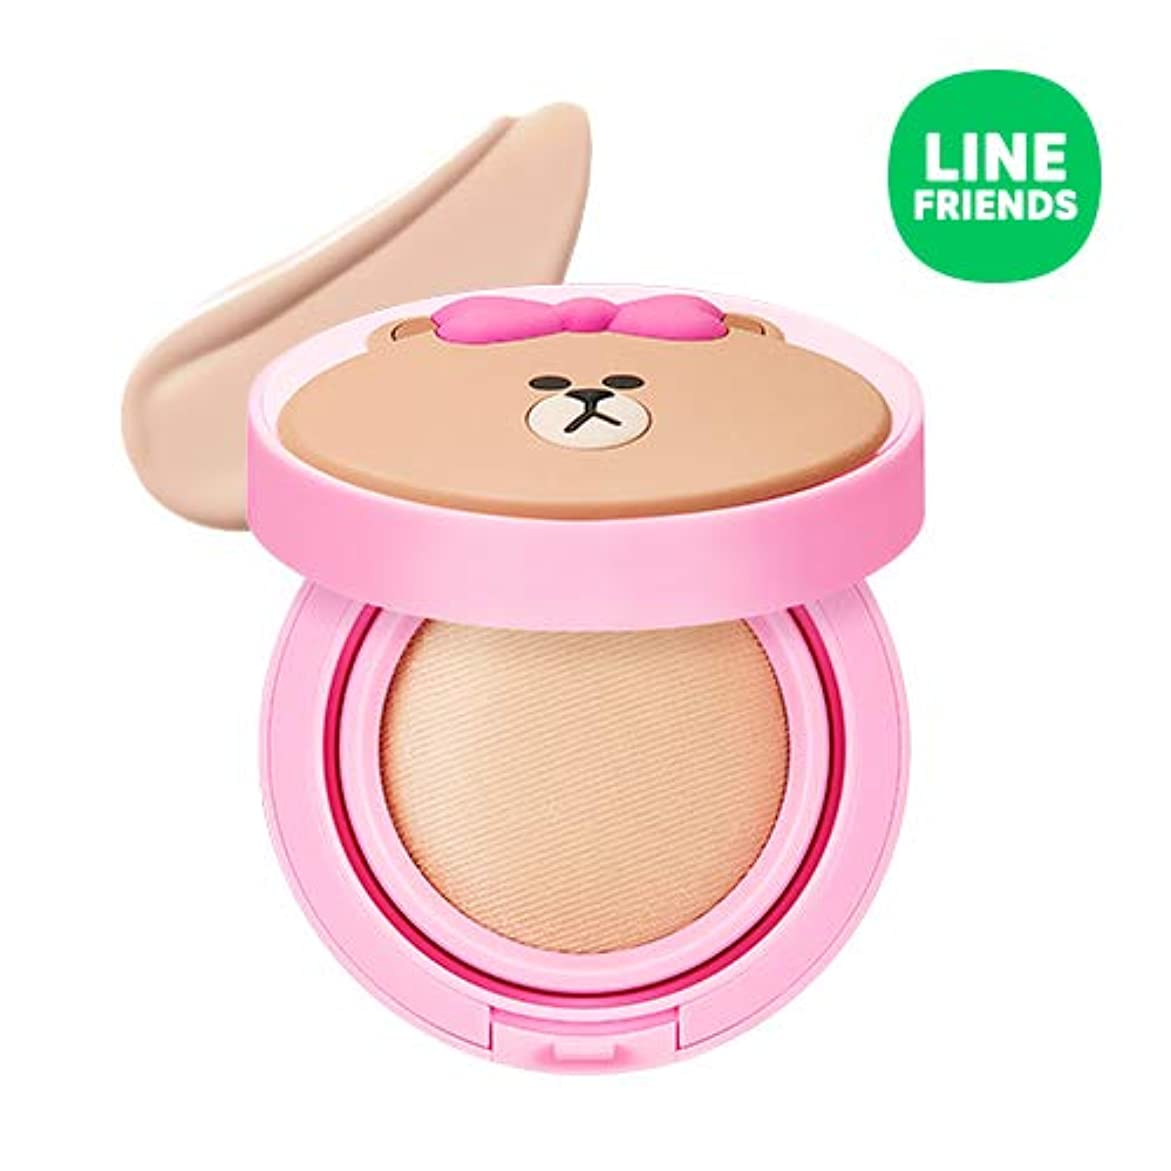 母音ランタン贈り物ミシャ(ラインフレンズ)グローテンション15g / MISSHA [Line Friends Edition] Glow Tension SPF50 PA+++ #Fair(Pink tone No.21) [並行輸入品]